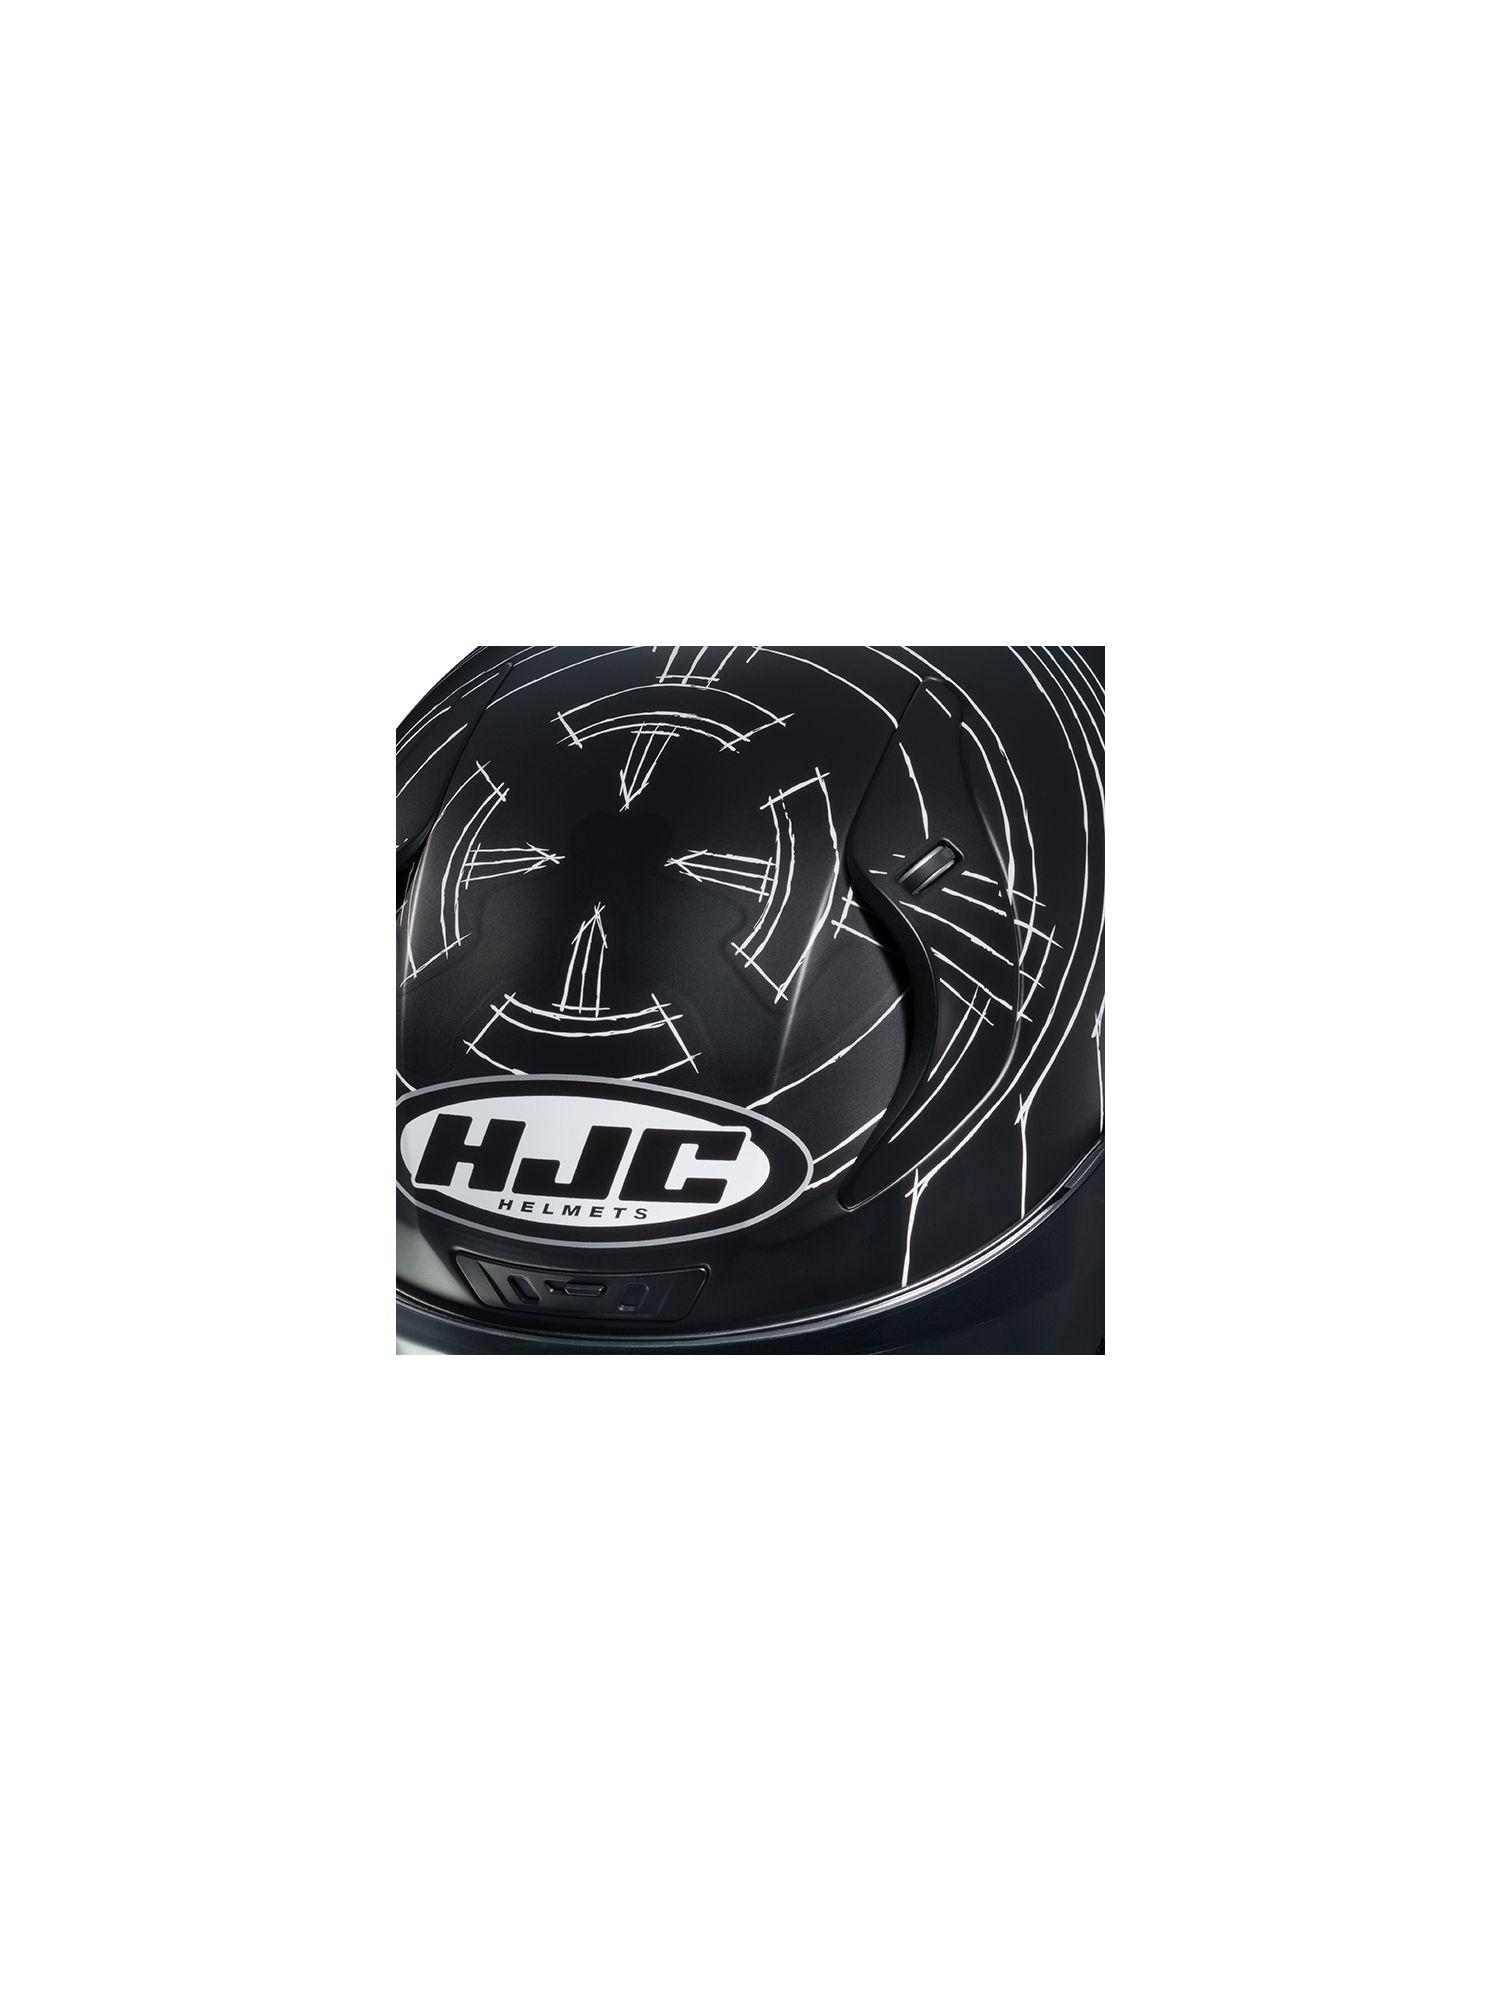 HJH148 | RPHA 11 イアンノーネ 29 レプリカ ブラック[1color]